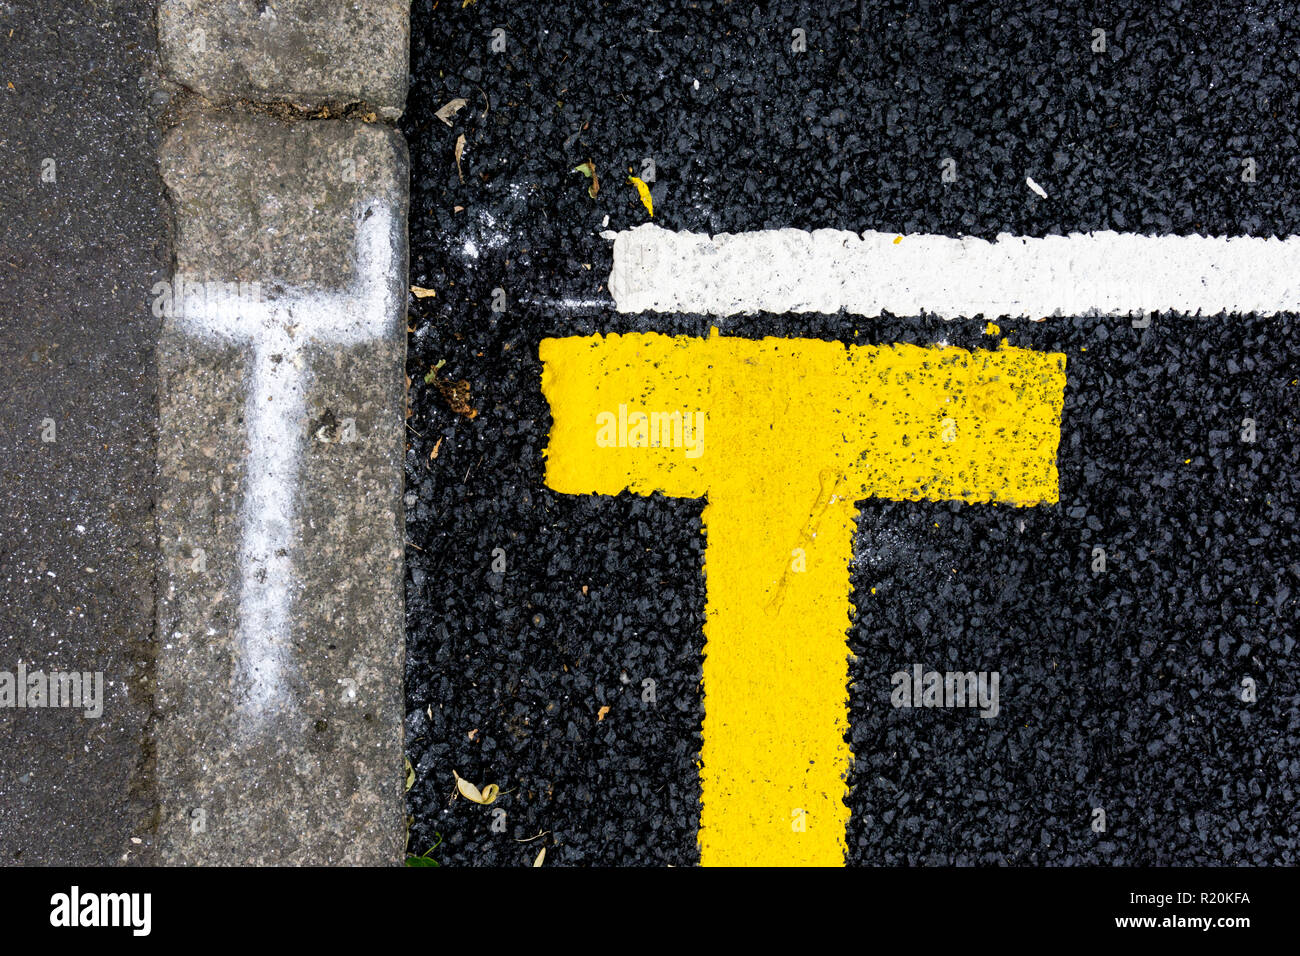 Nouveau marquage routier. Ligne jaune et aire de stationnement. Photo Stock